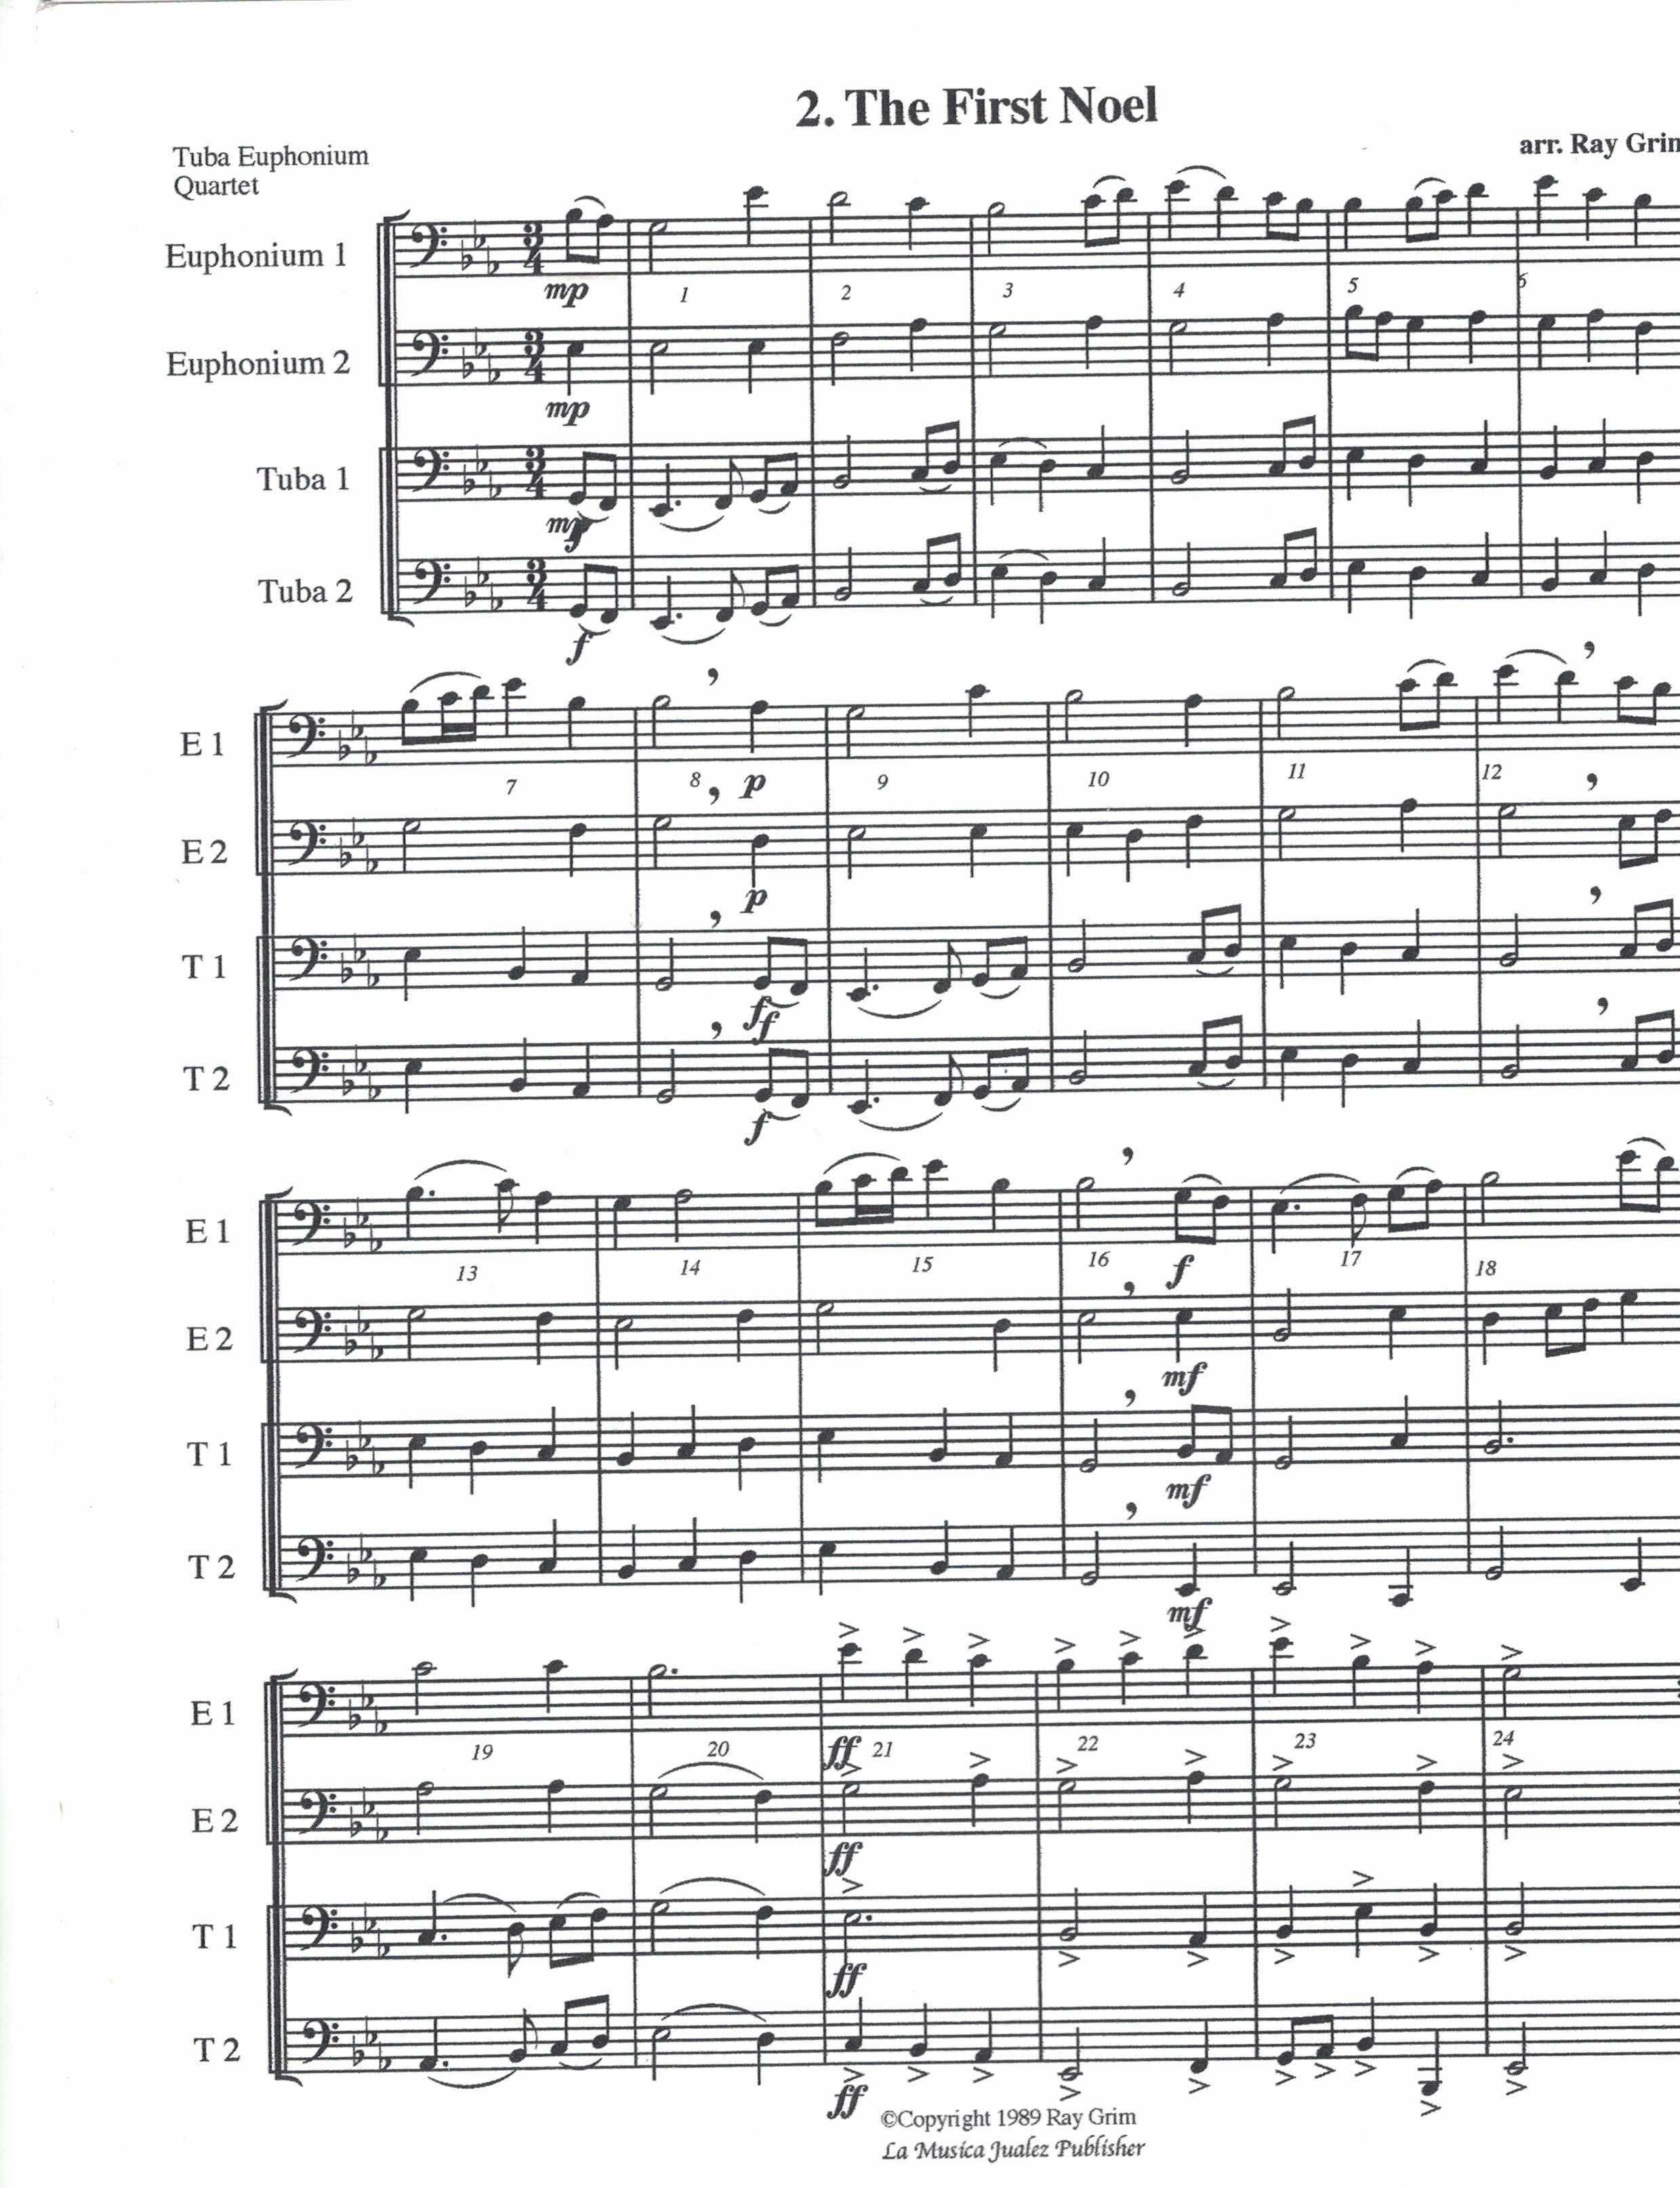 Free Christmas Music.Print Tubameister Christmas Music Bass Clef Free The